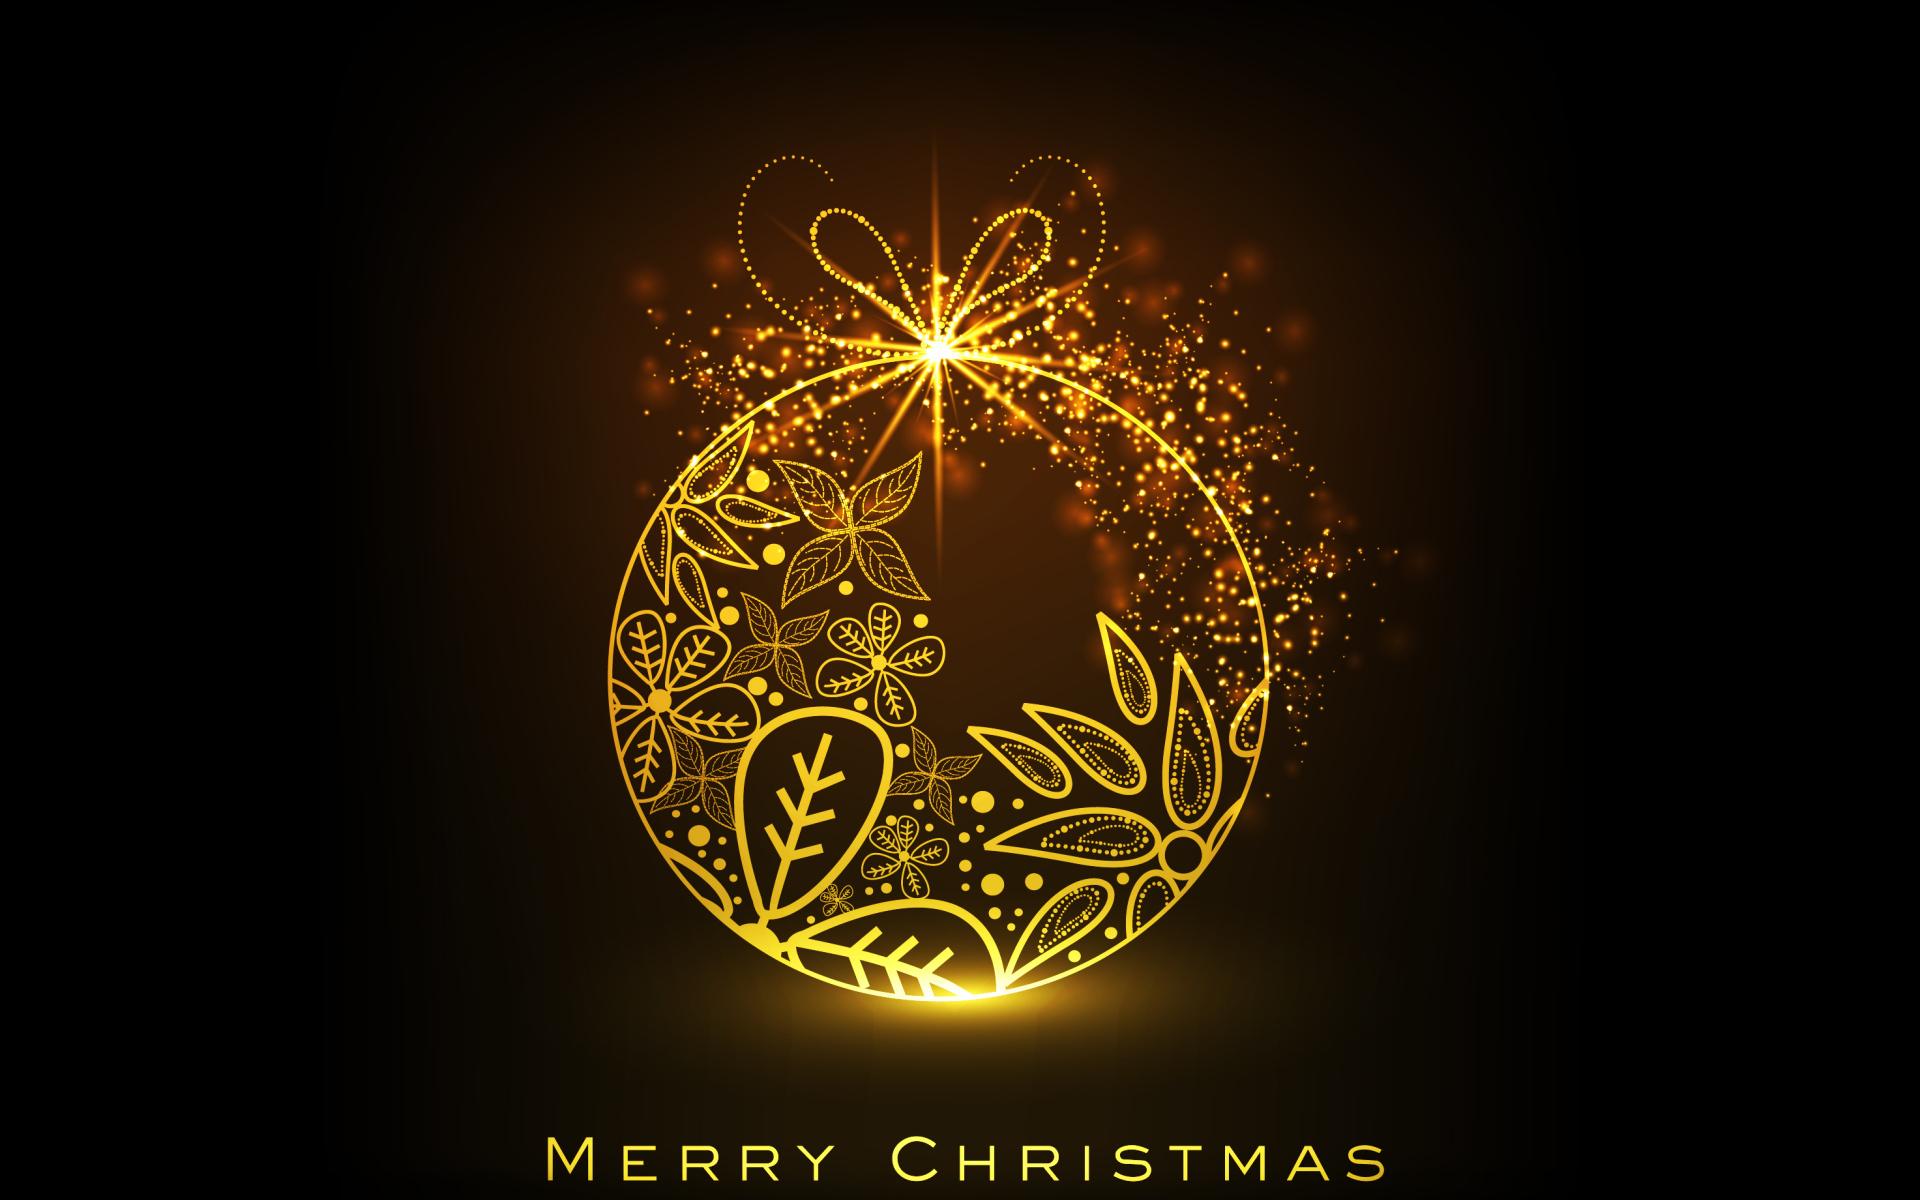 Игрушка и поздравление с Рождеством - C Рождеством Христовым поздравительные картинки